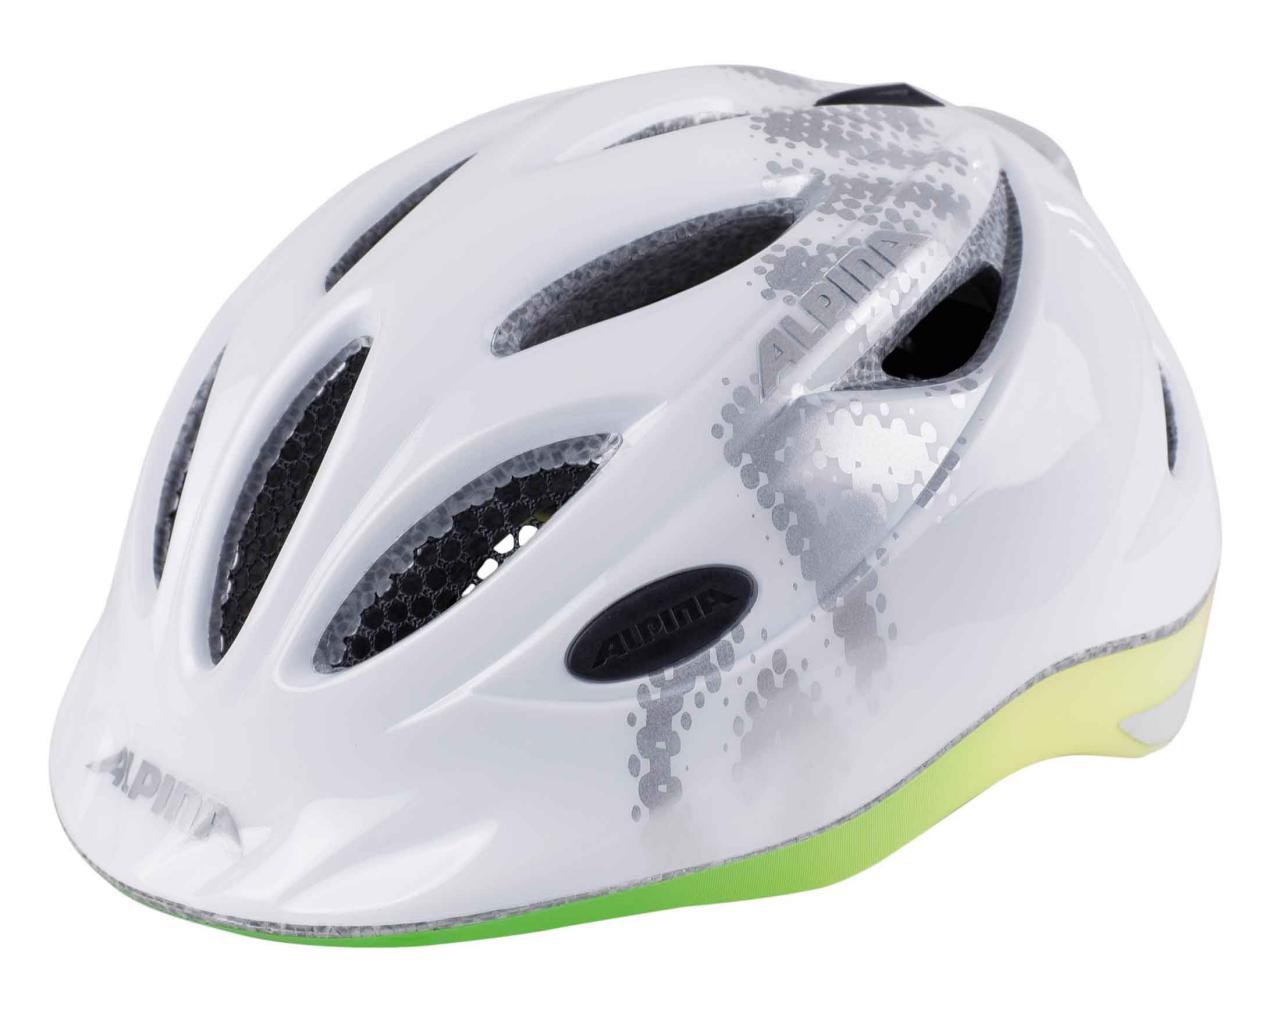 Купить Велошлем Alpina 2018 Gamma 2.0 Flash white-rainbow Шлемы велосипедные 1398942